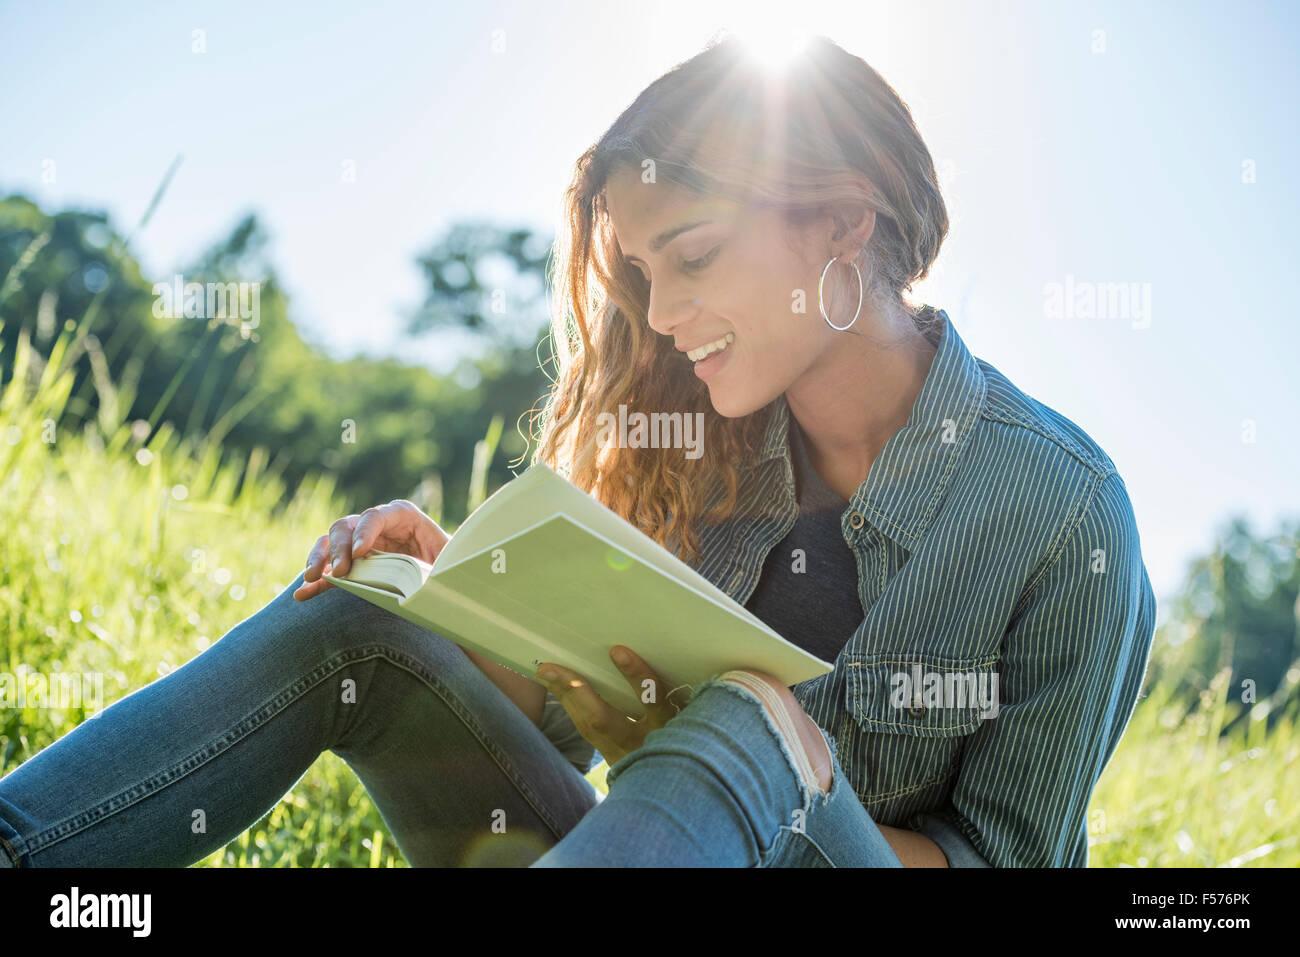 Una joven sentada al sol leyendo un libro Imagen De Stock